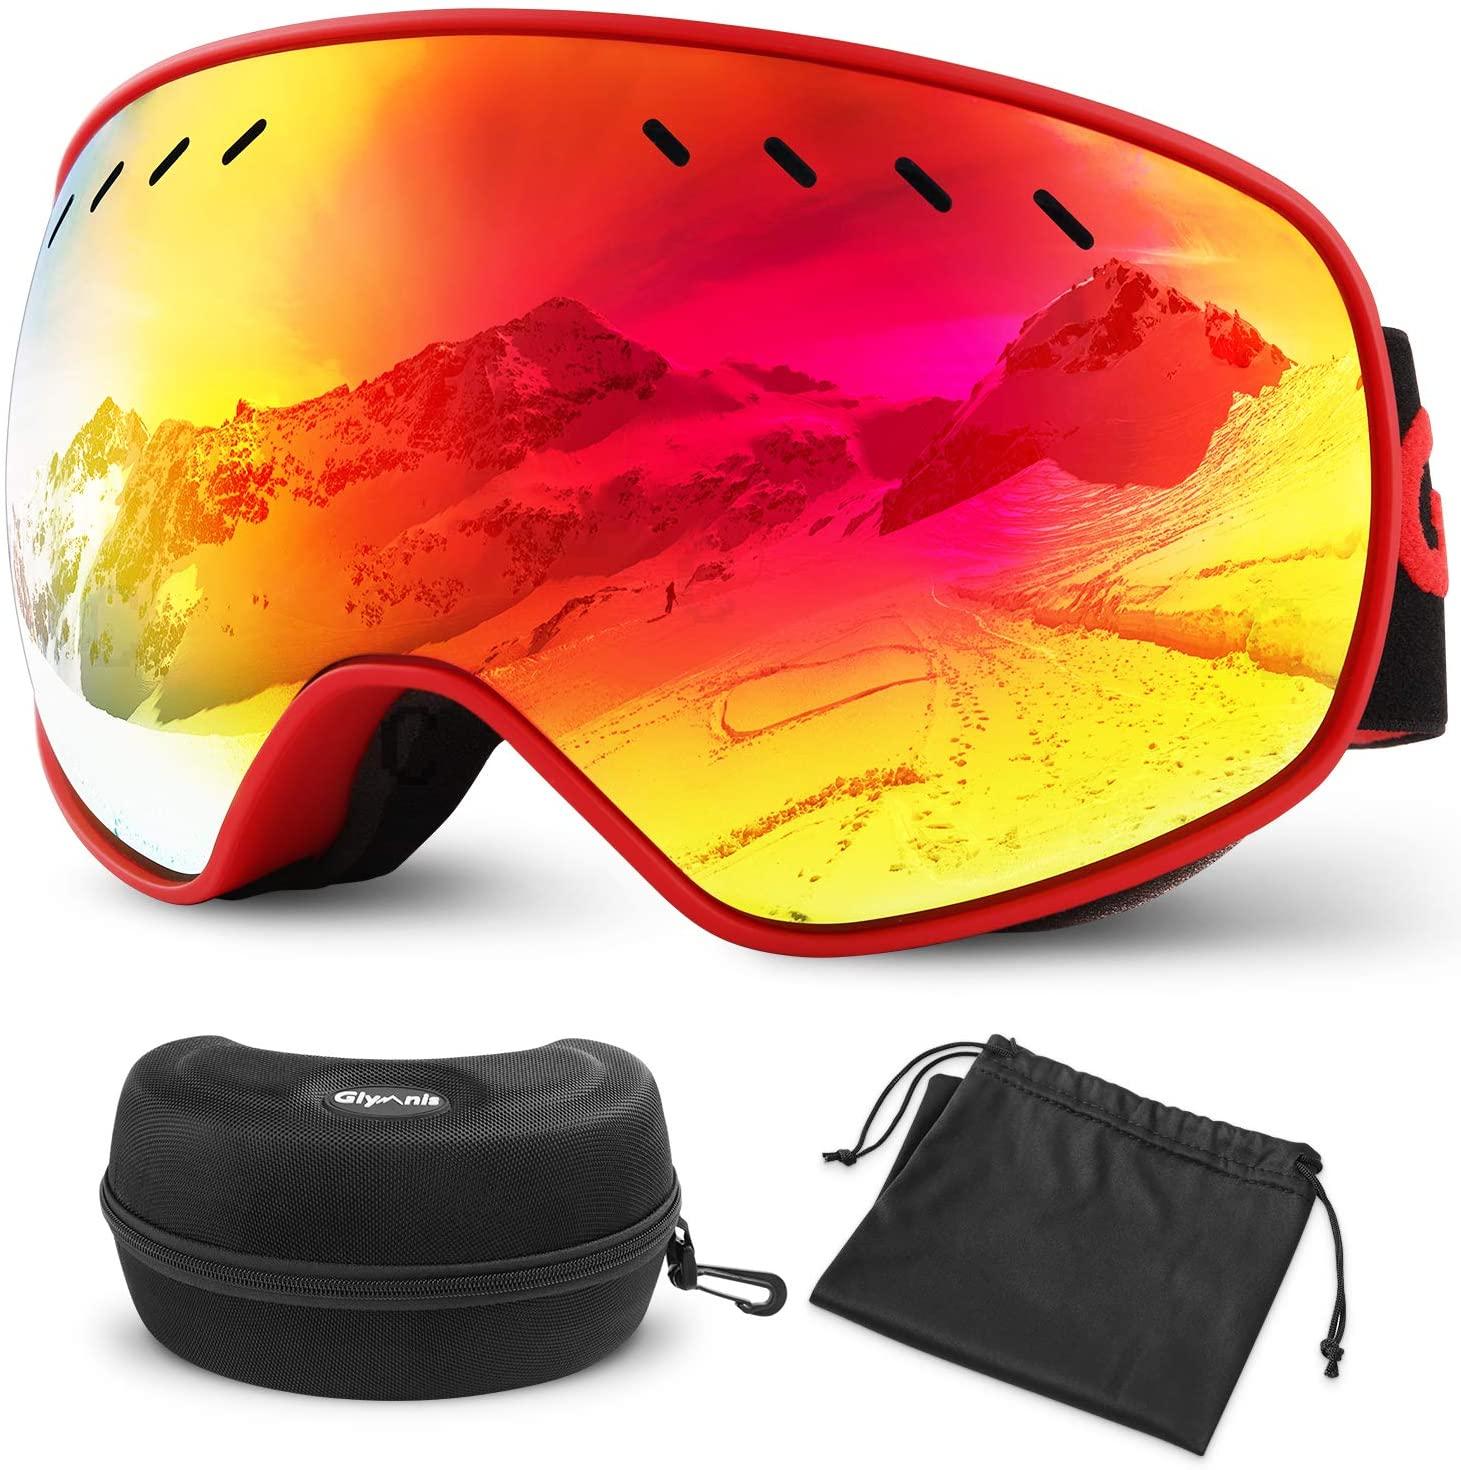 Gafas de esquí Protección UV400 con funda